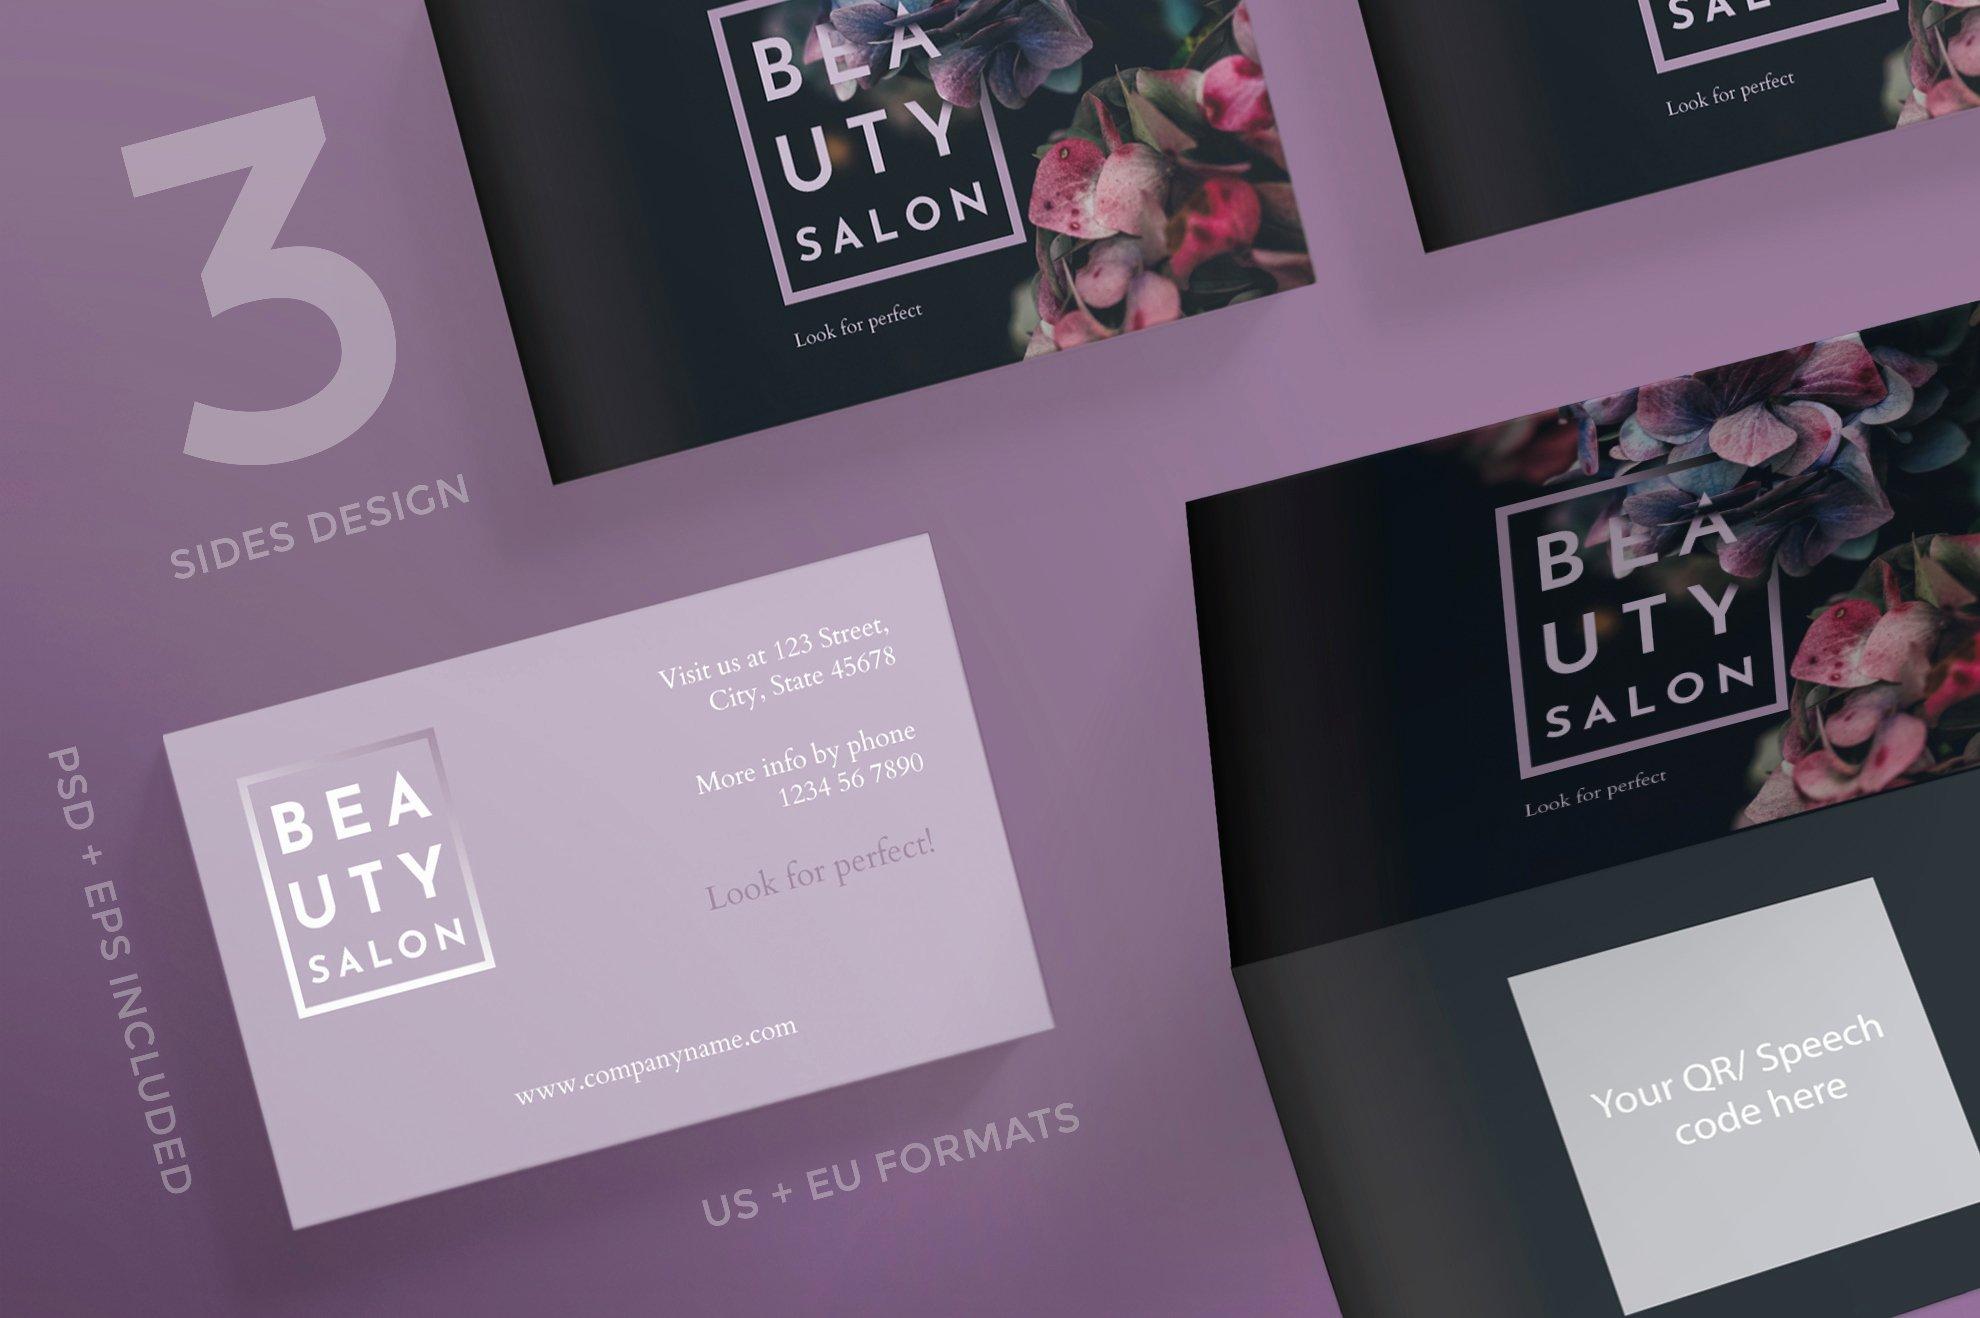 Beauty Salon Business Cards Unique Beauty Salon Business Card Design Templates Kit